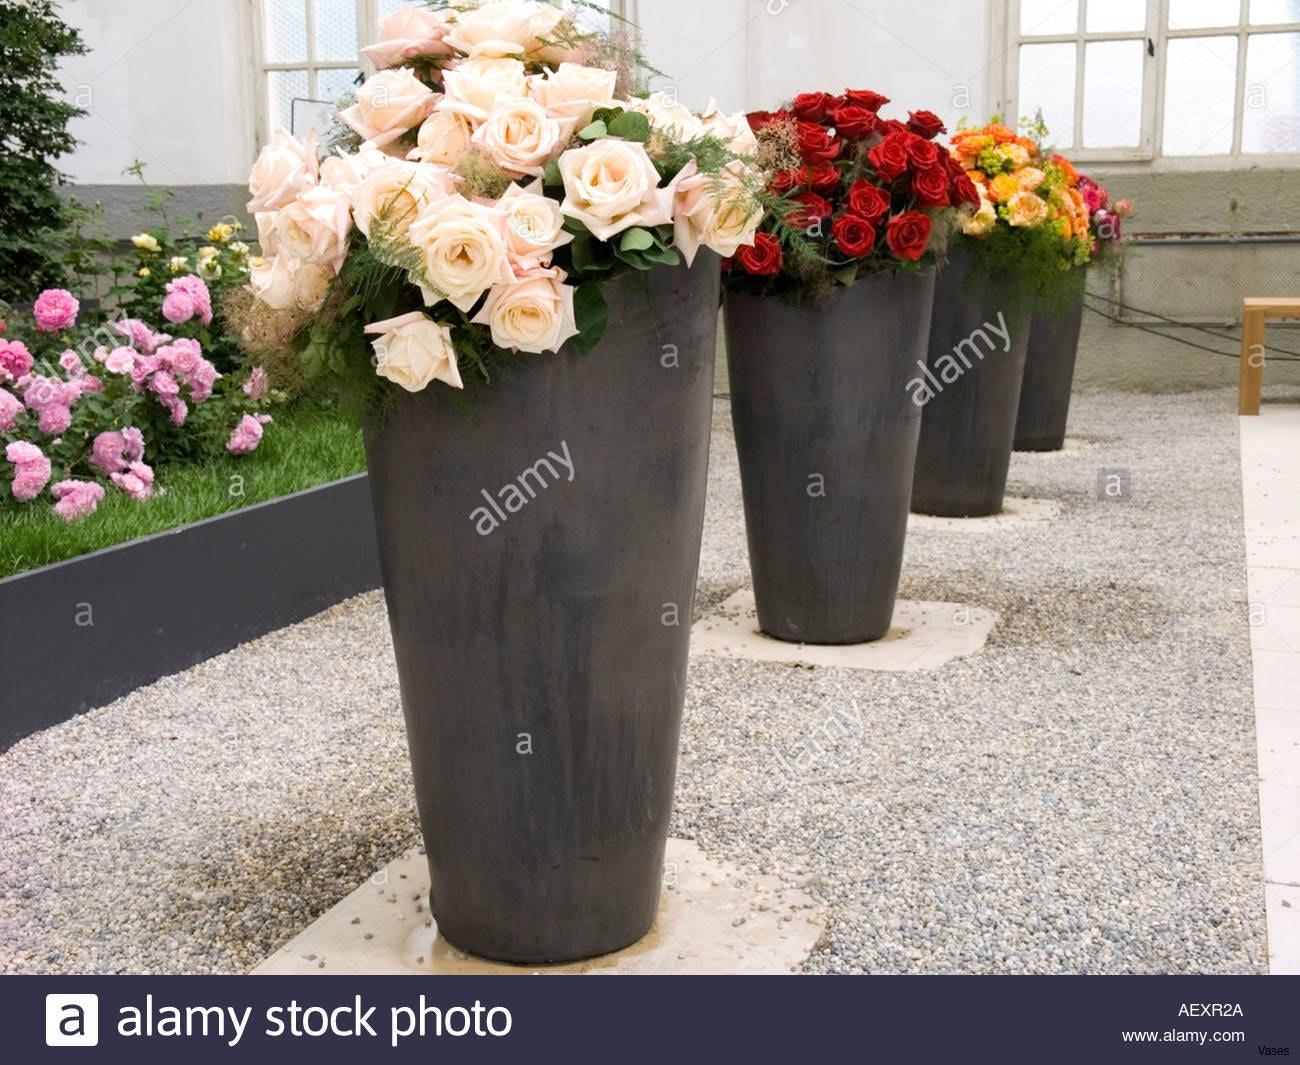 big vase flower arrangements of luxury silk flower table arrangements uk floral arrangement throughout articles with flower vases for sale tag big vase l vasei 0d uk inspiration silk